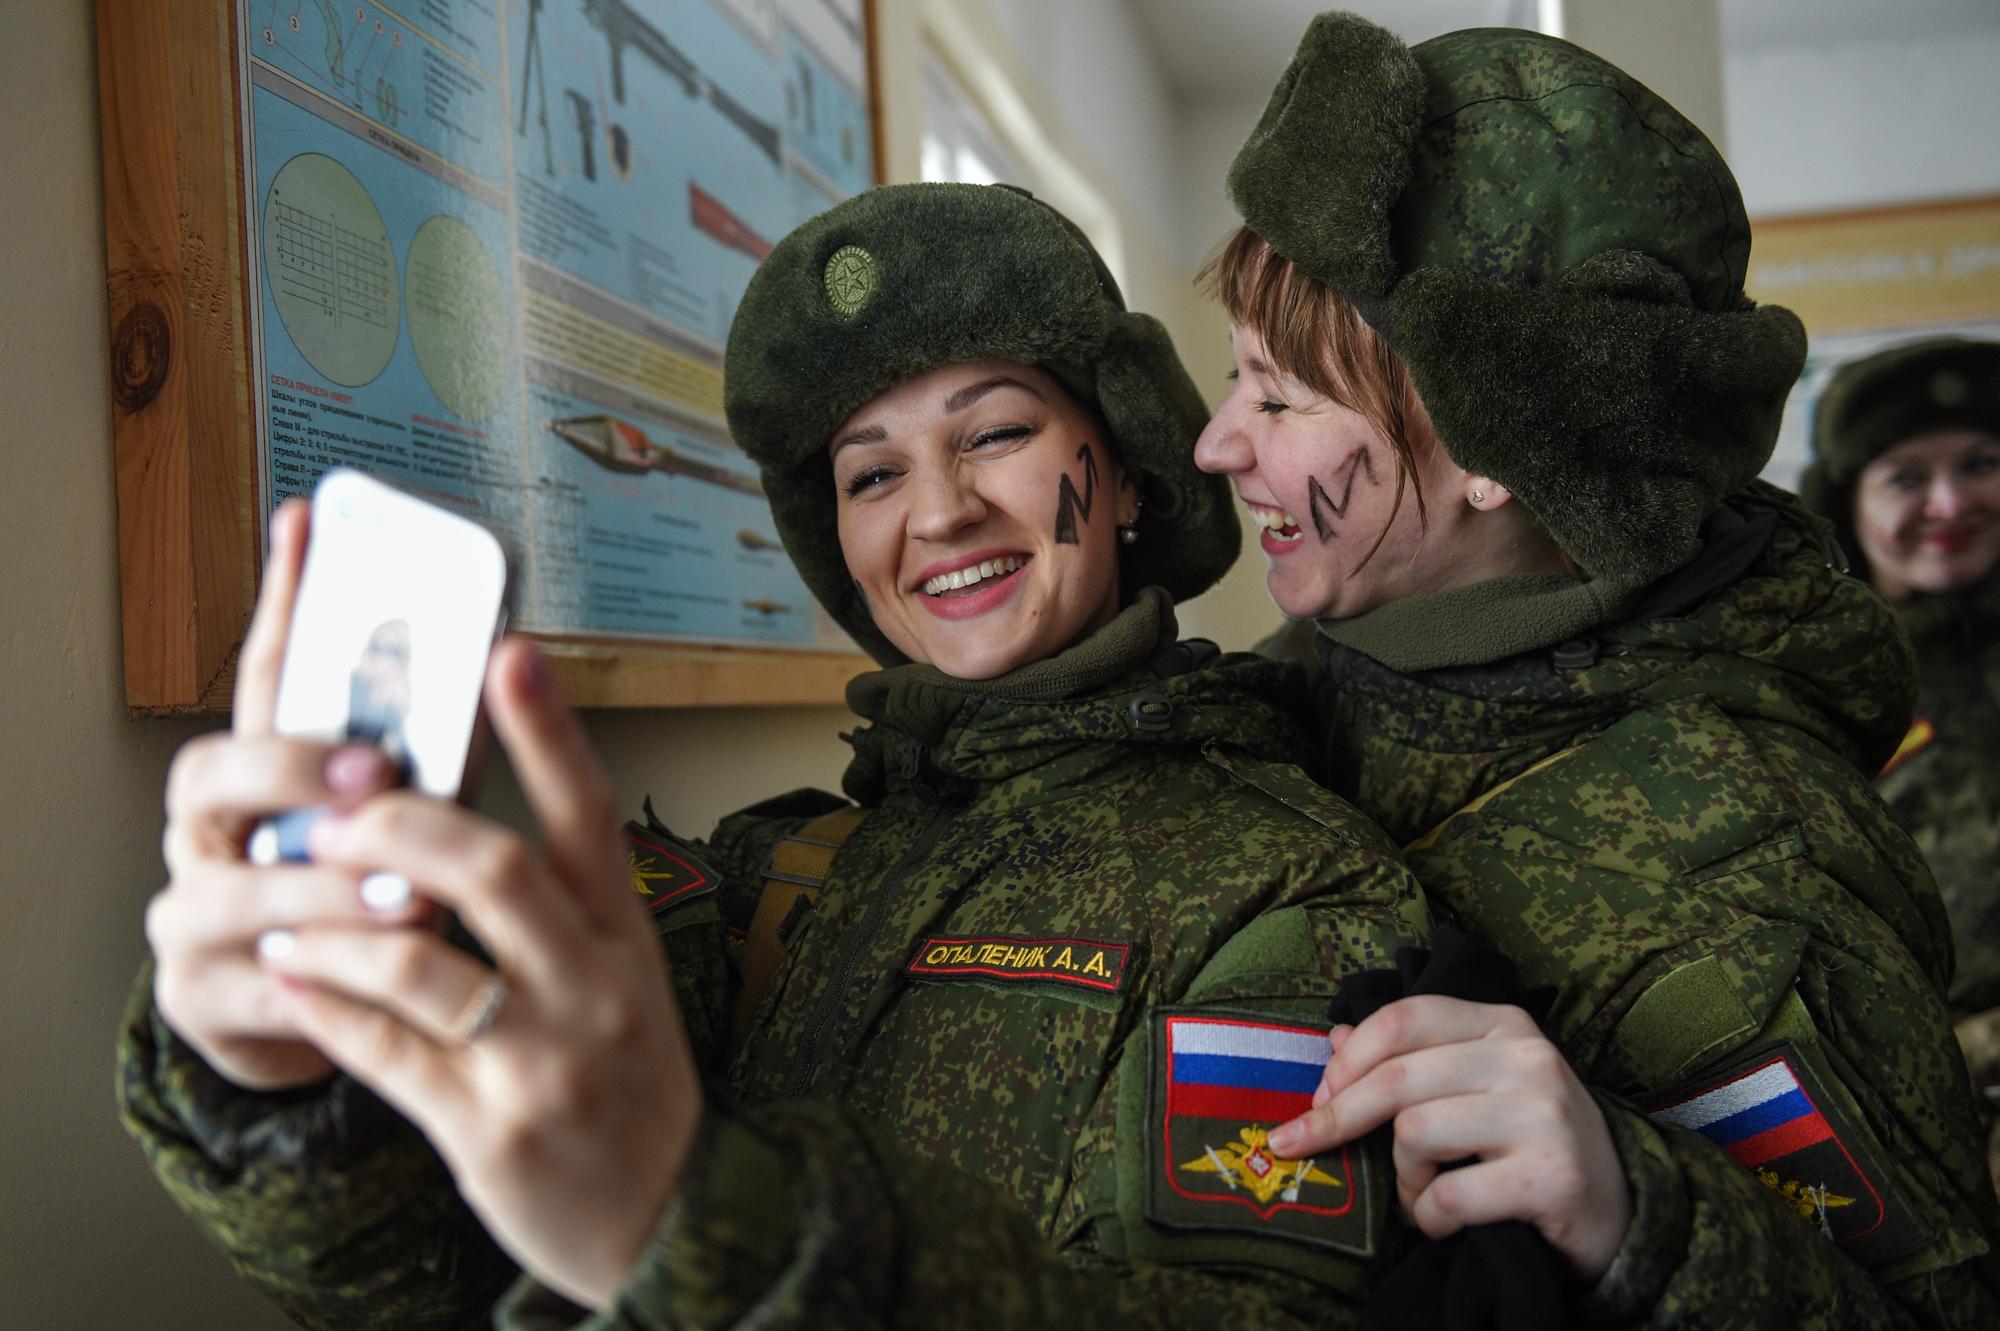 заказать солдат в отпуске картинки того, сорокин